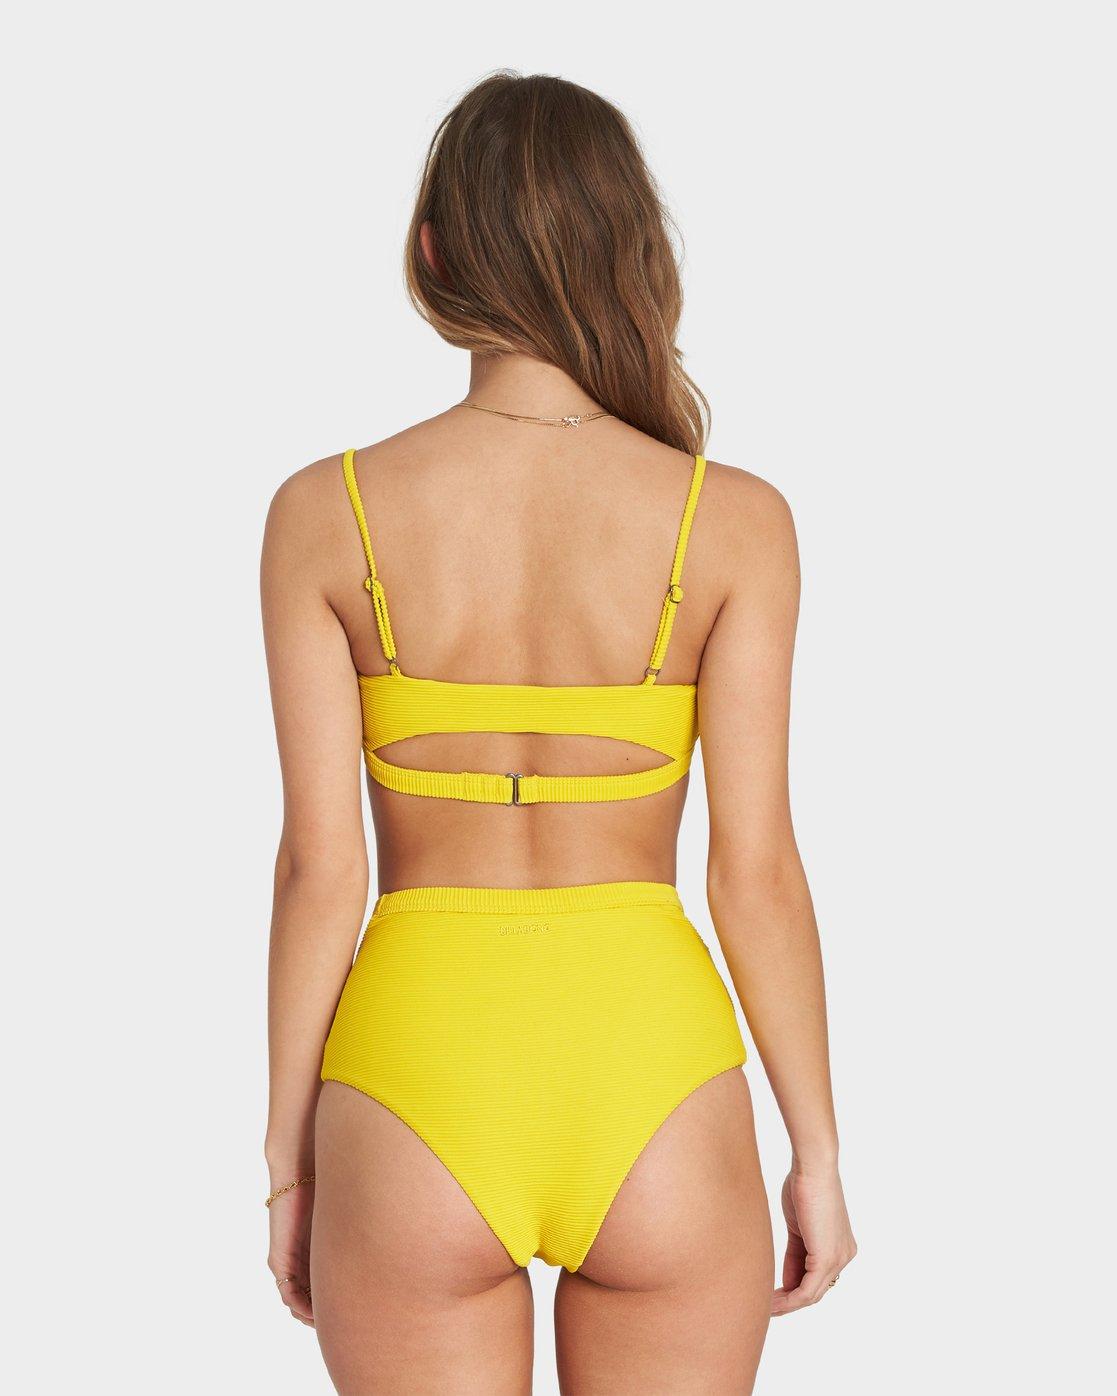 Tanlines Trilet Rib Knit Bikini Top